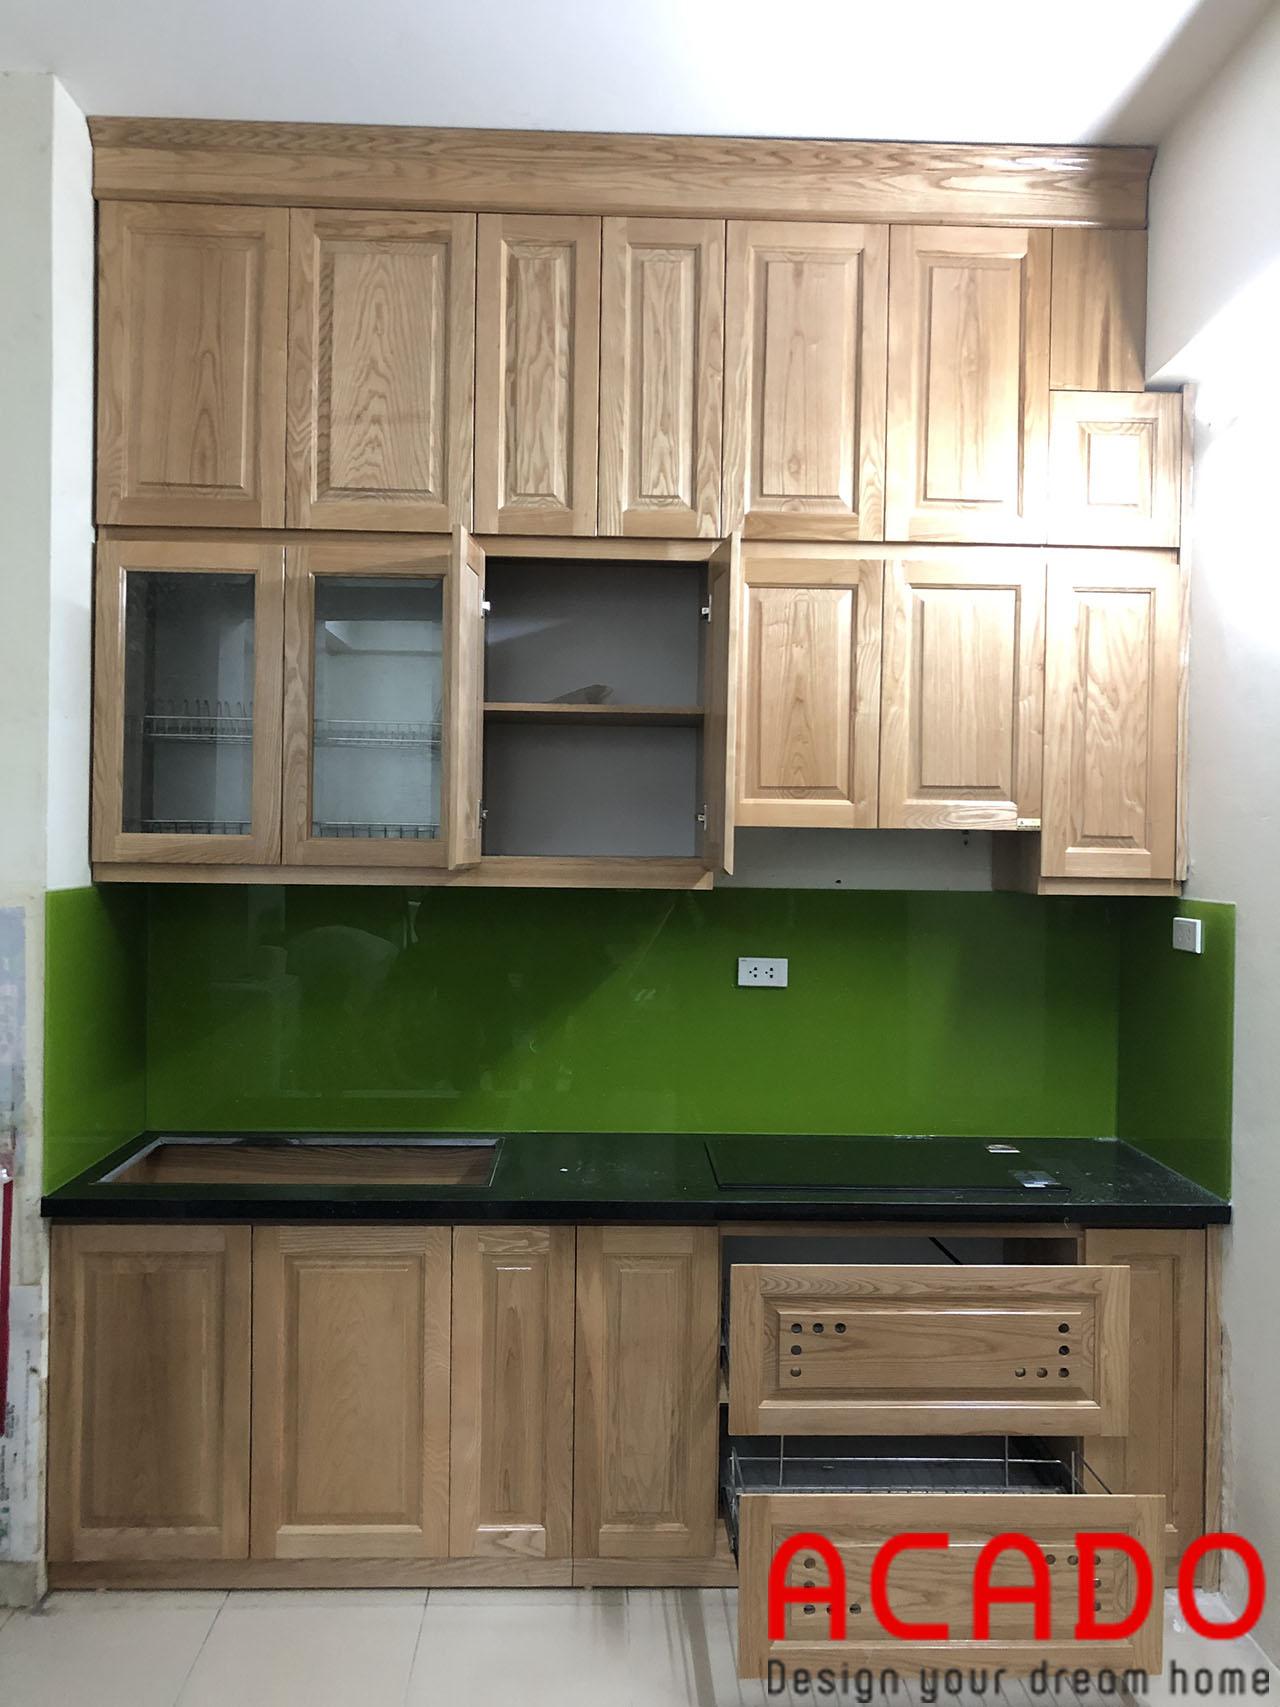 Tủ Bếp gỗ sồi Nga được sử lí trên dây chuyền hiện đại tăng khả năng chống ẩm, mối mọt